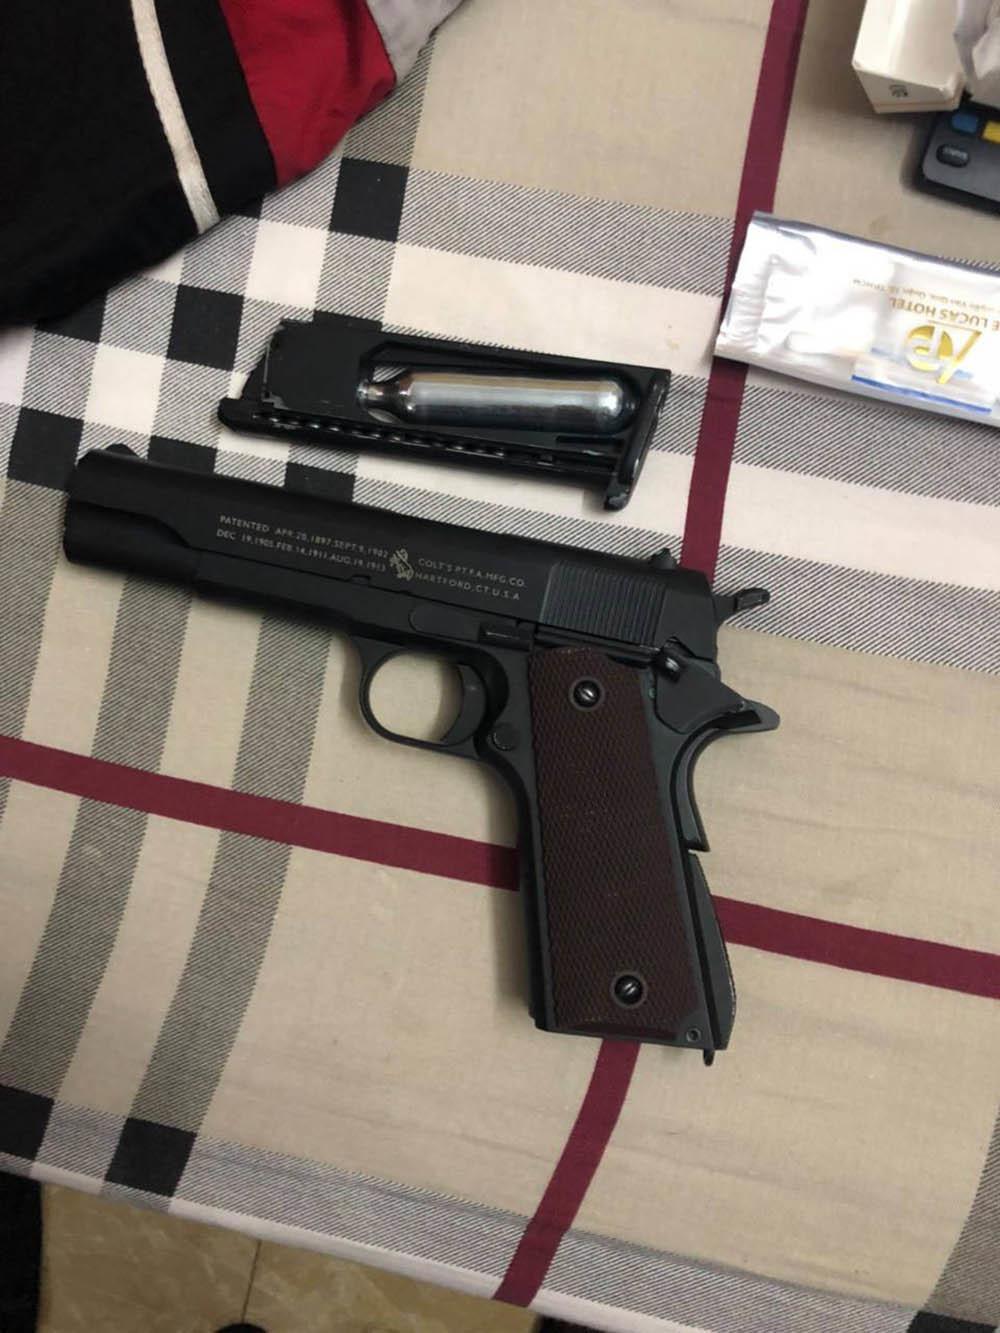 Bắt kẻ dùng súng cướp tài sản ở cửa hàng tiện lợi ven TP.HCM